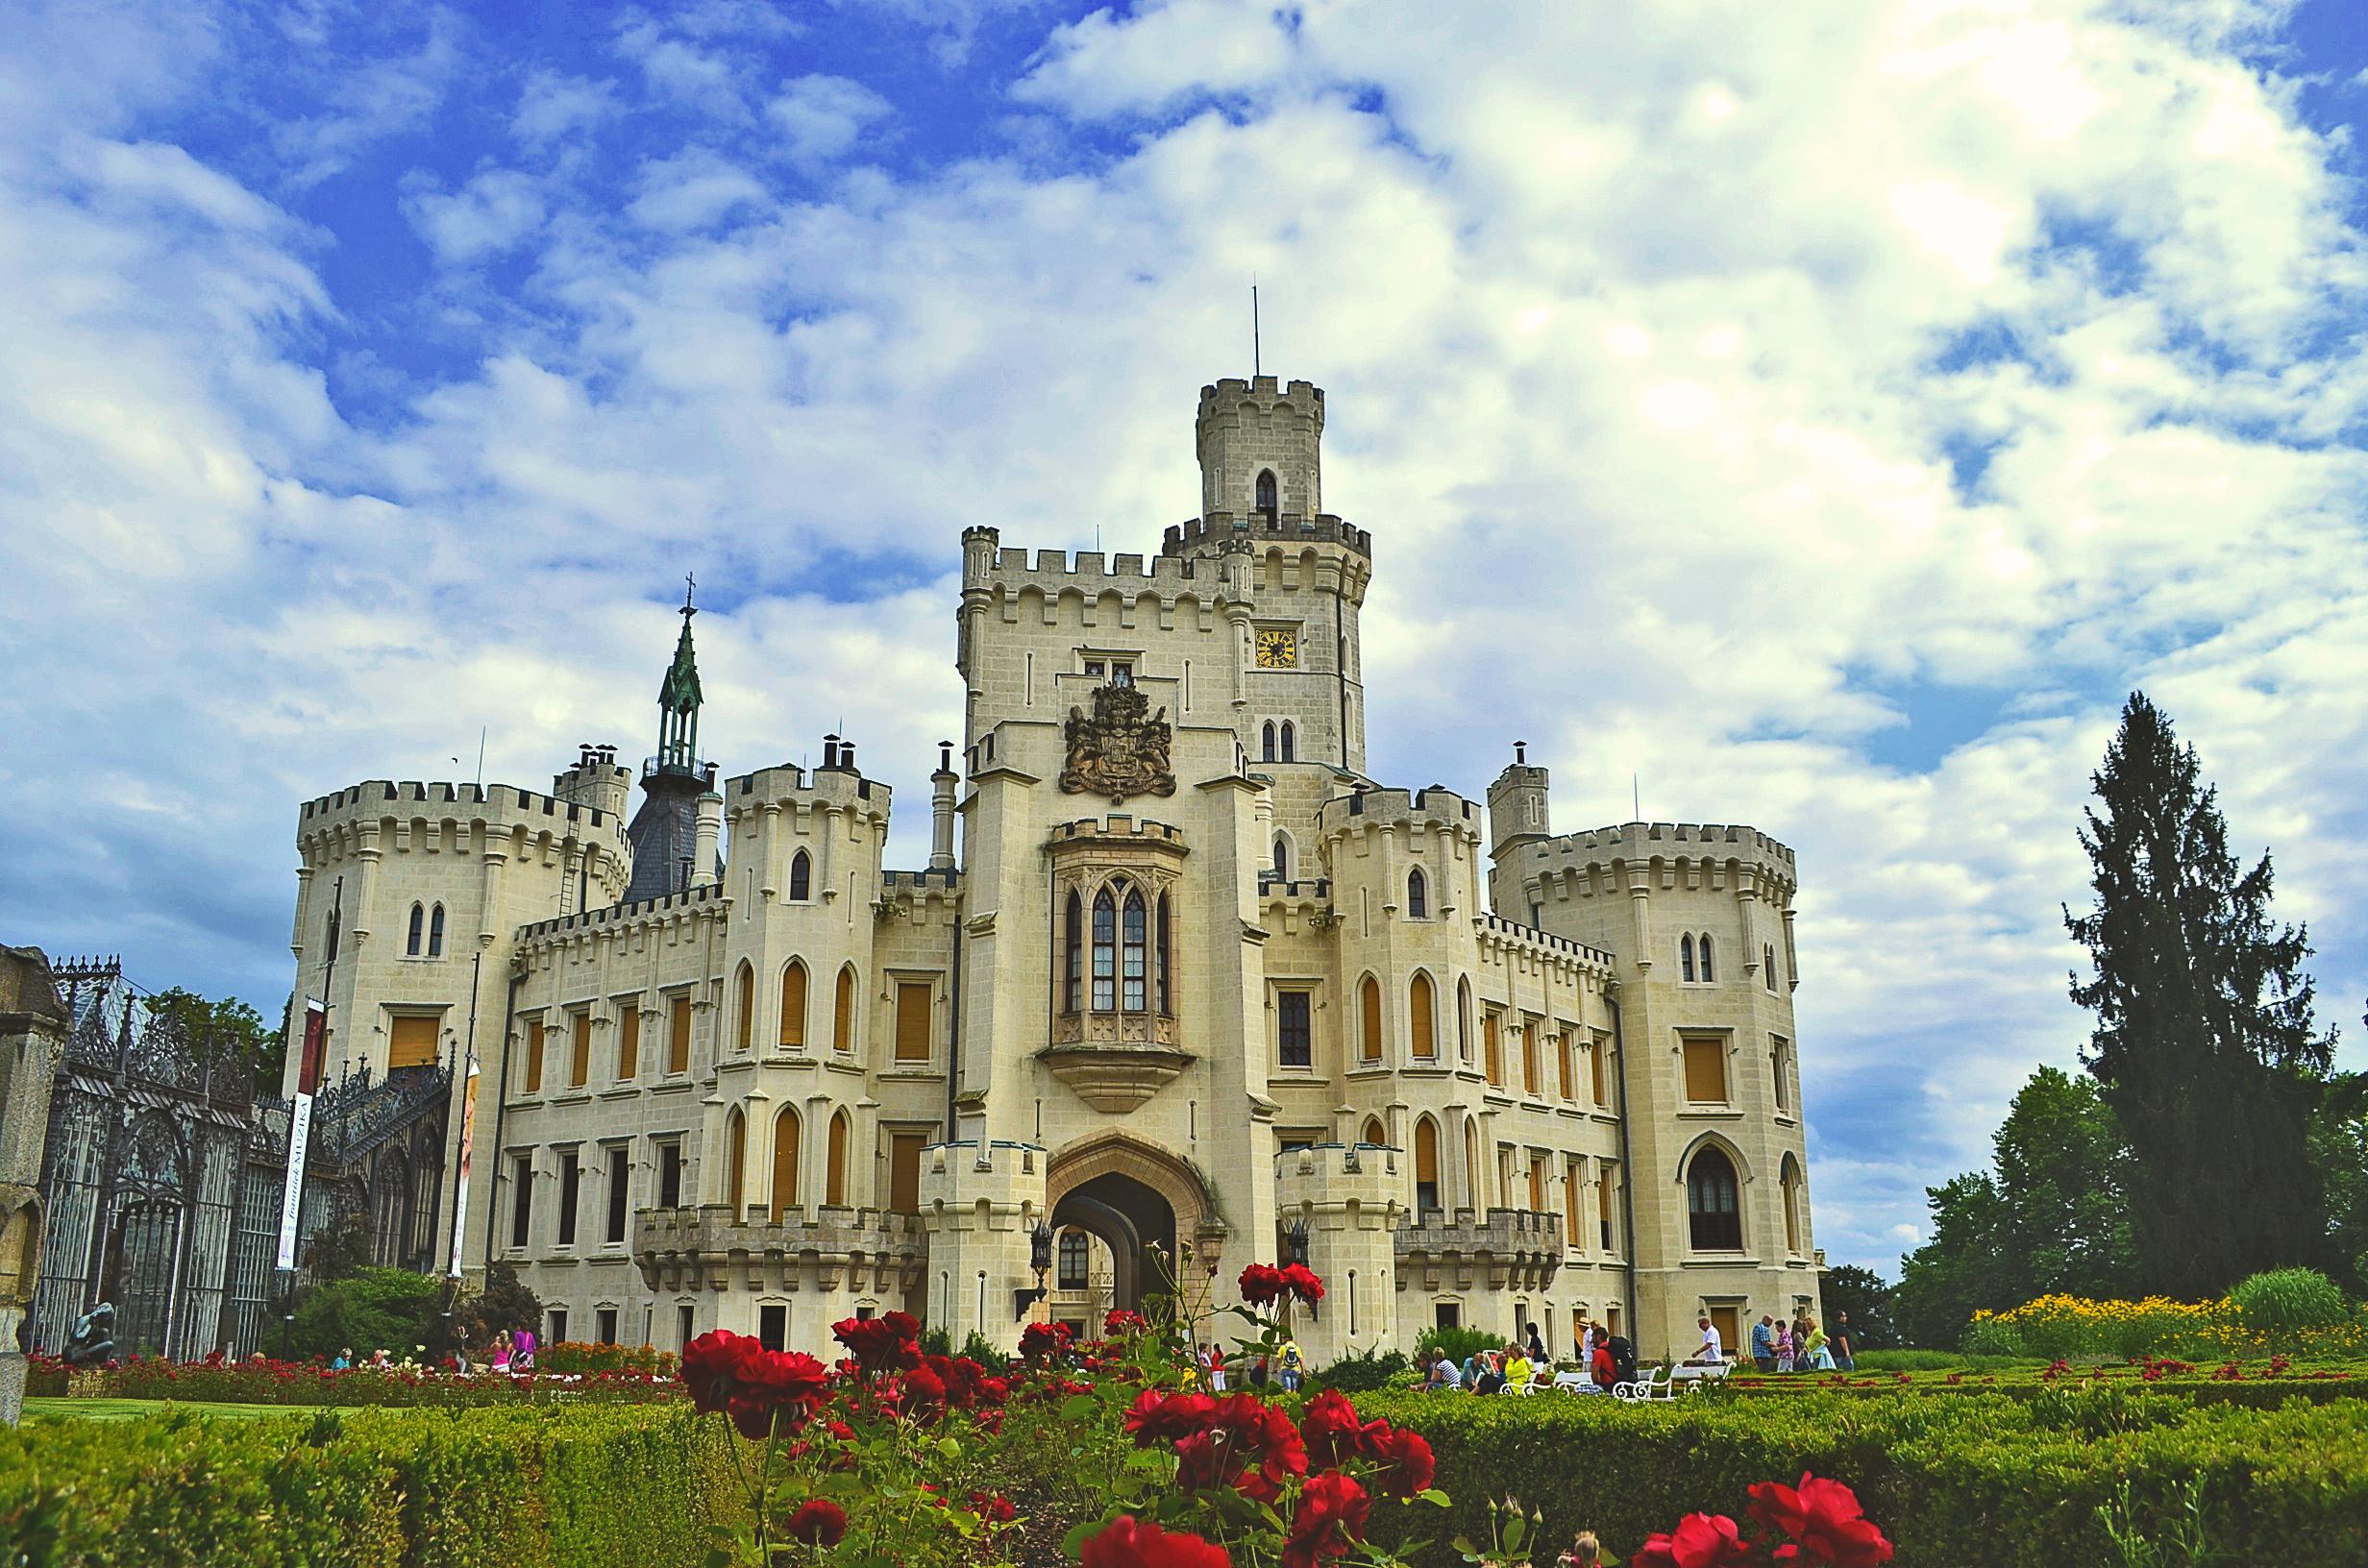 nad vltavou castle - photo #11